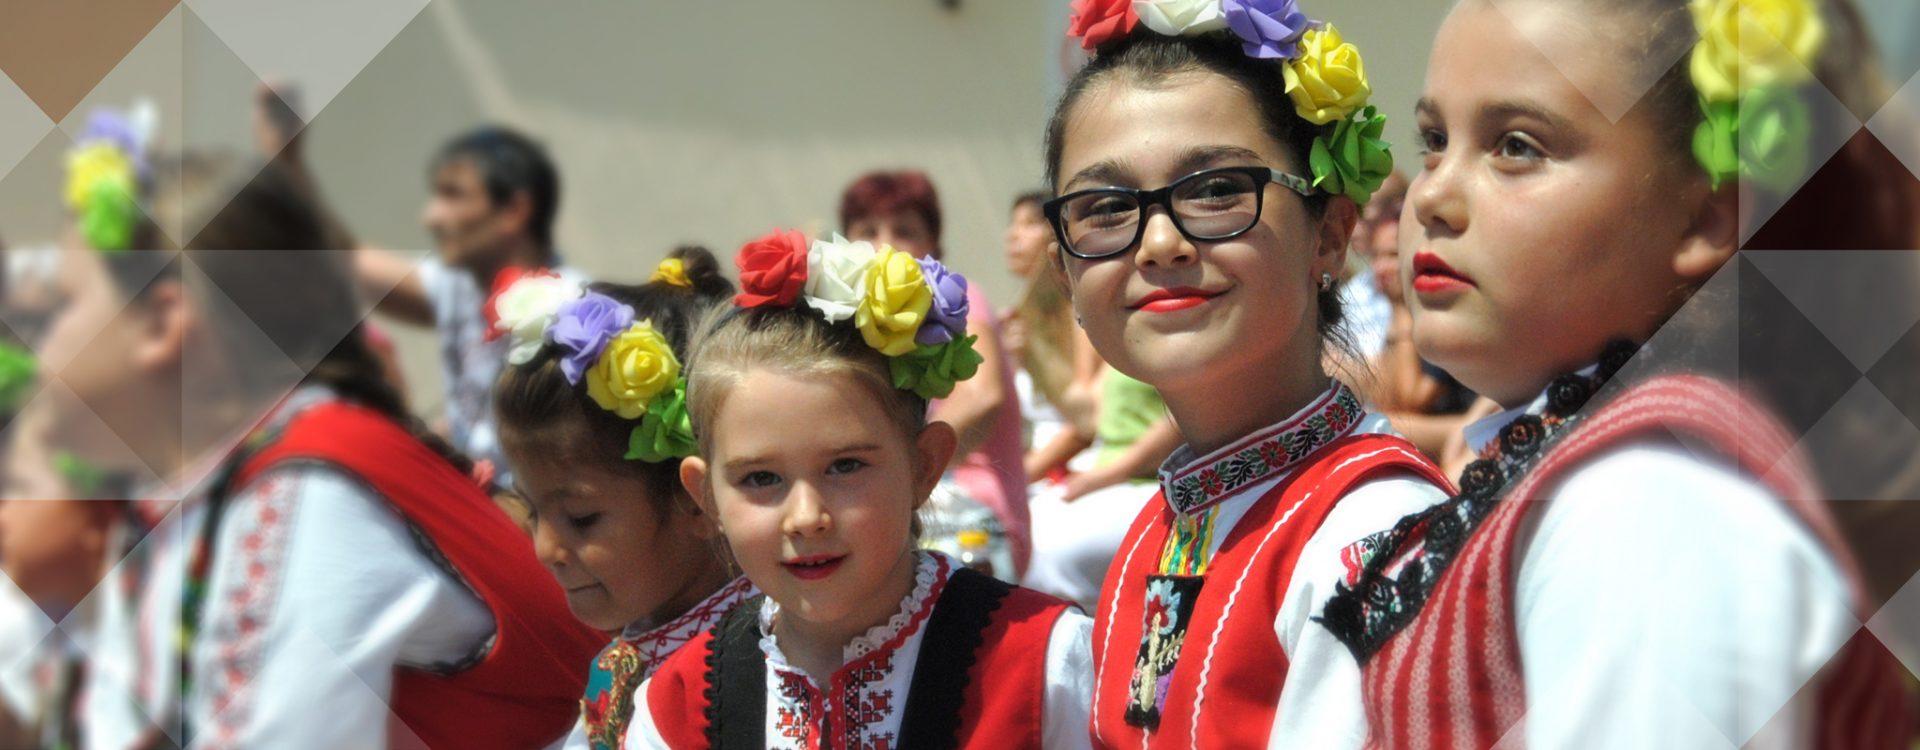 Folklorenizvor